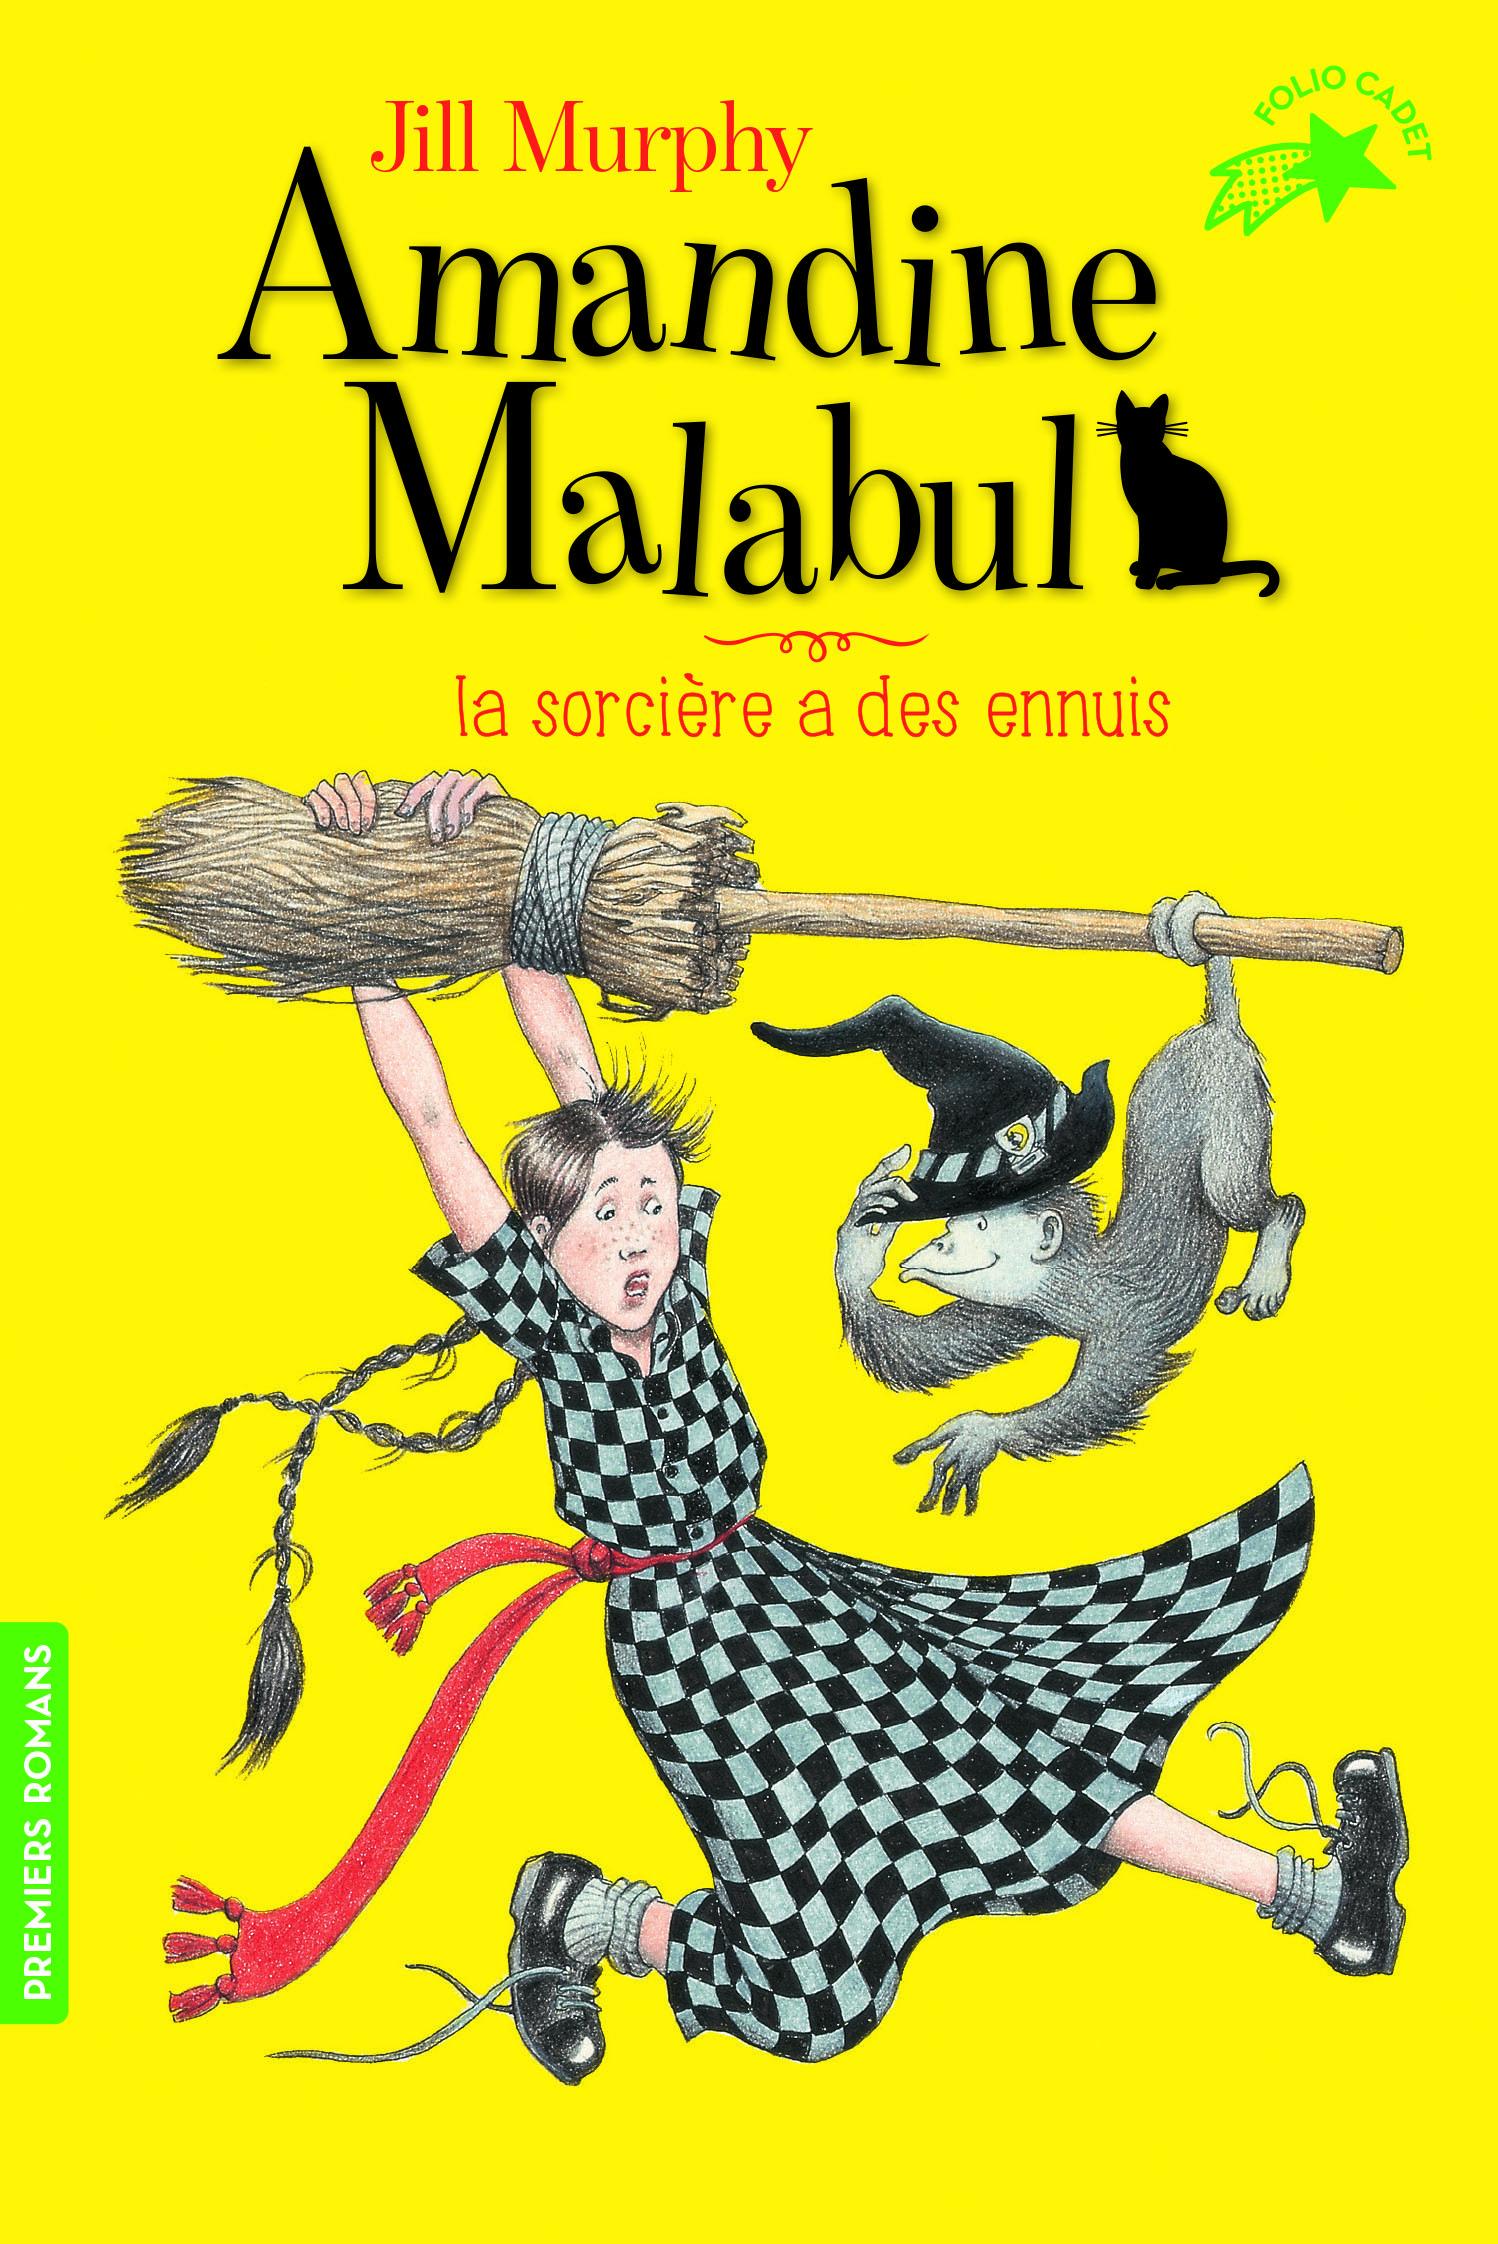 AMANDINE MALABUL LA SORCIERE A DES ENNUIS